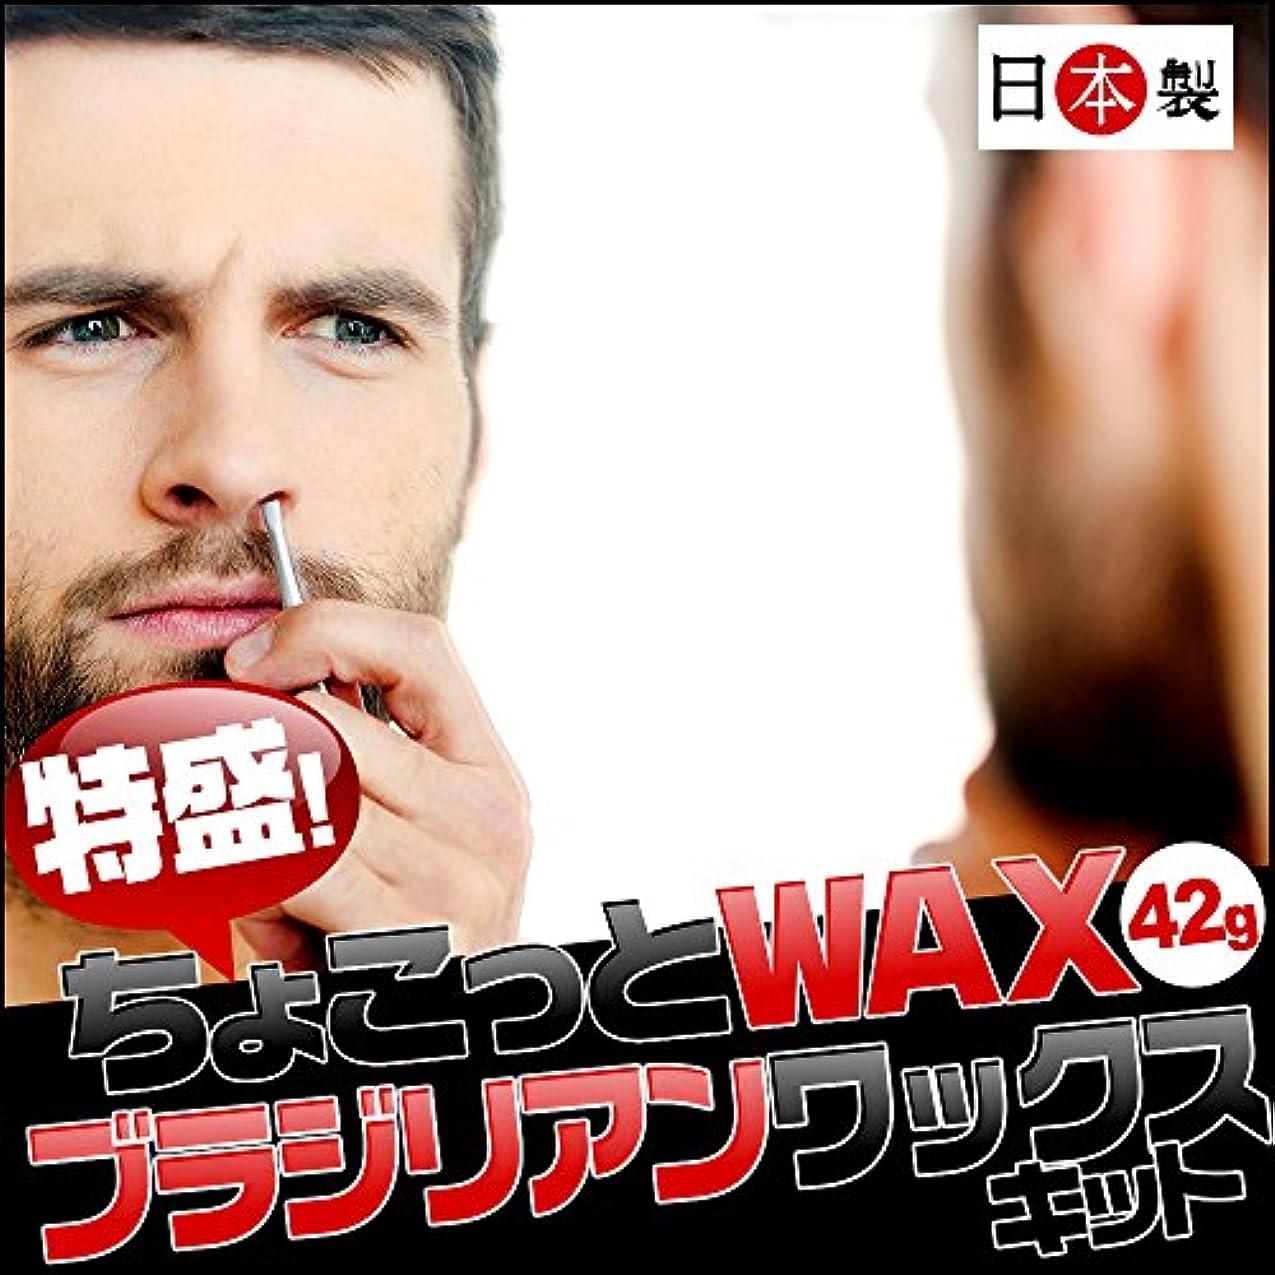 グラマー横向き半球日本製ワックスで安心!鼻毛脱毛  特盛  ちょこっとWax 6回分 (鼻毛スティック12本)